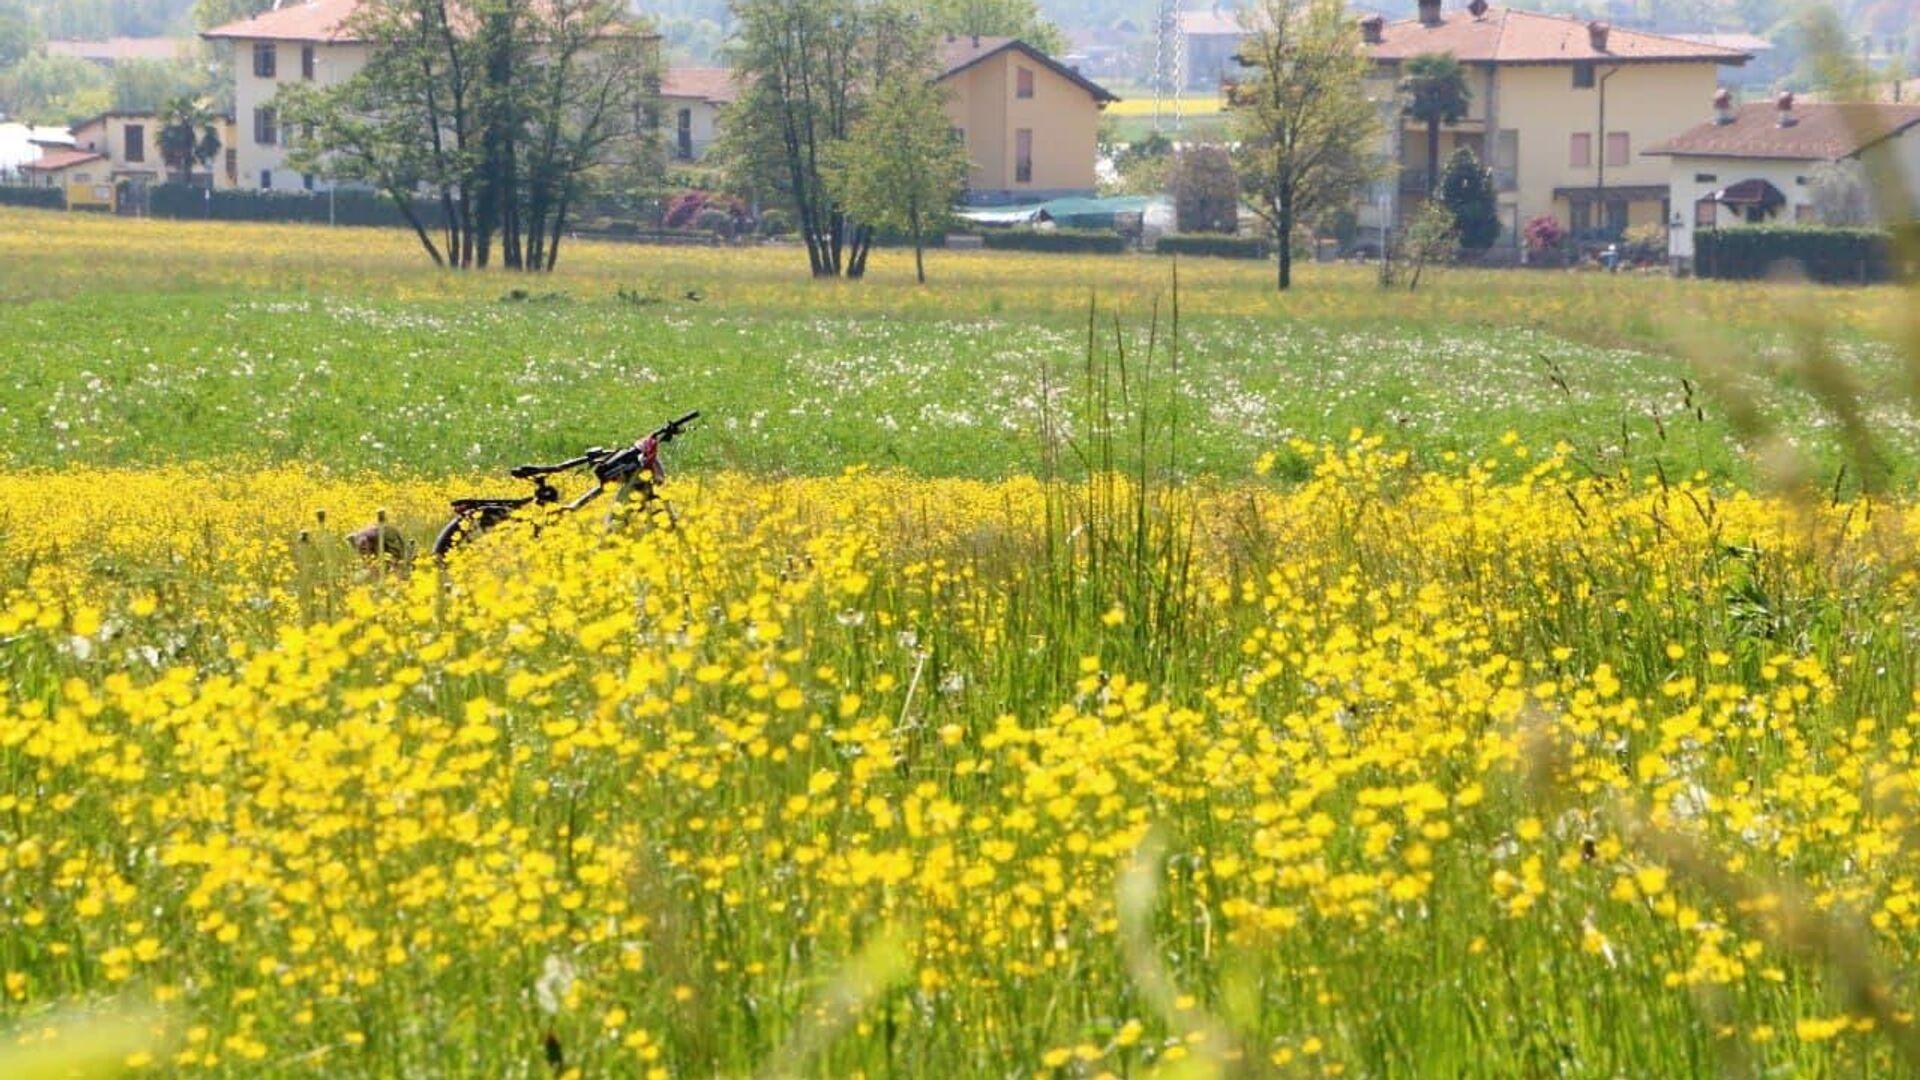 Fiori e  bicicletta in villaggio, Italia - Sputnik Italia, 1920, 29.05.2021